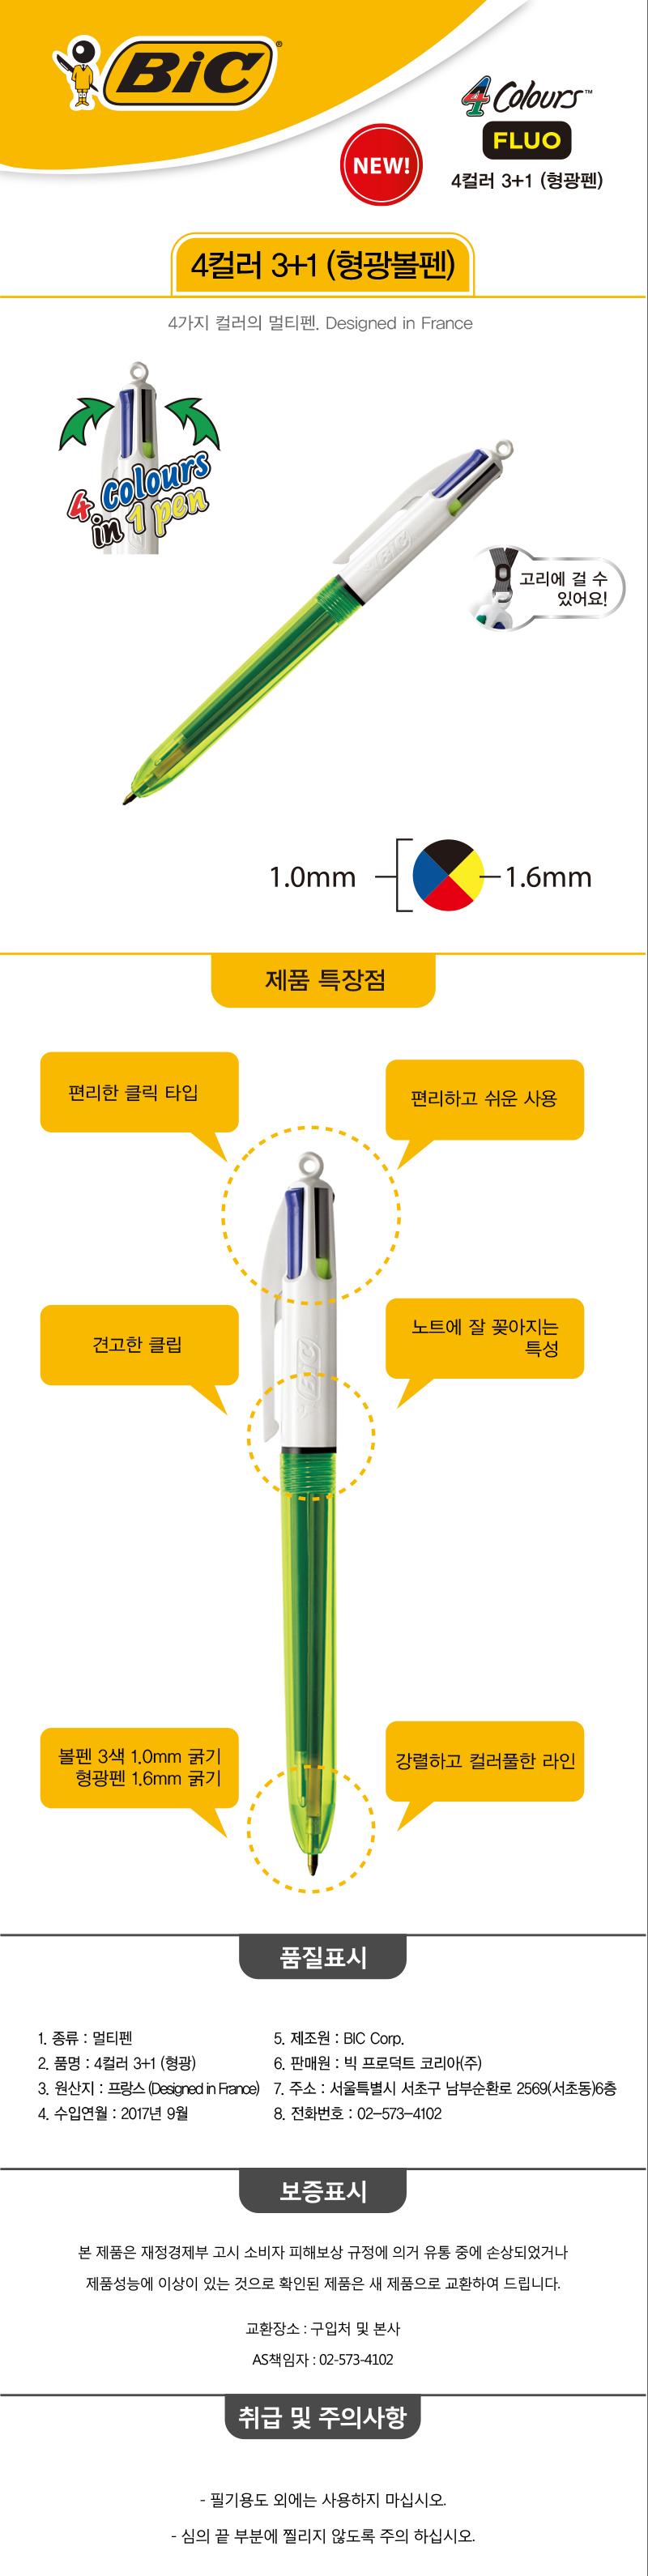 4컬러 3+1(형광볼펜1.6) 멀티펜(1.0/1자루/BIC) - 오피스디포, 2,500원, 볼펜, 멀티색상 볼펜